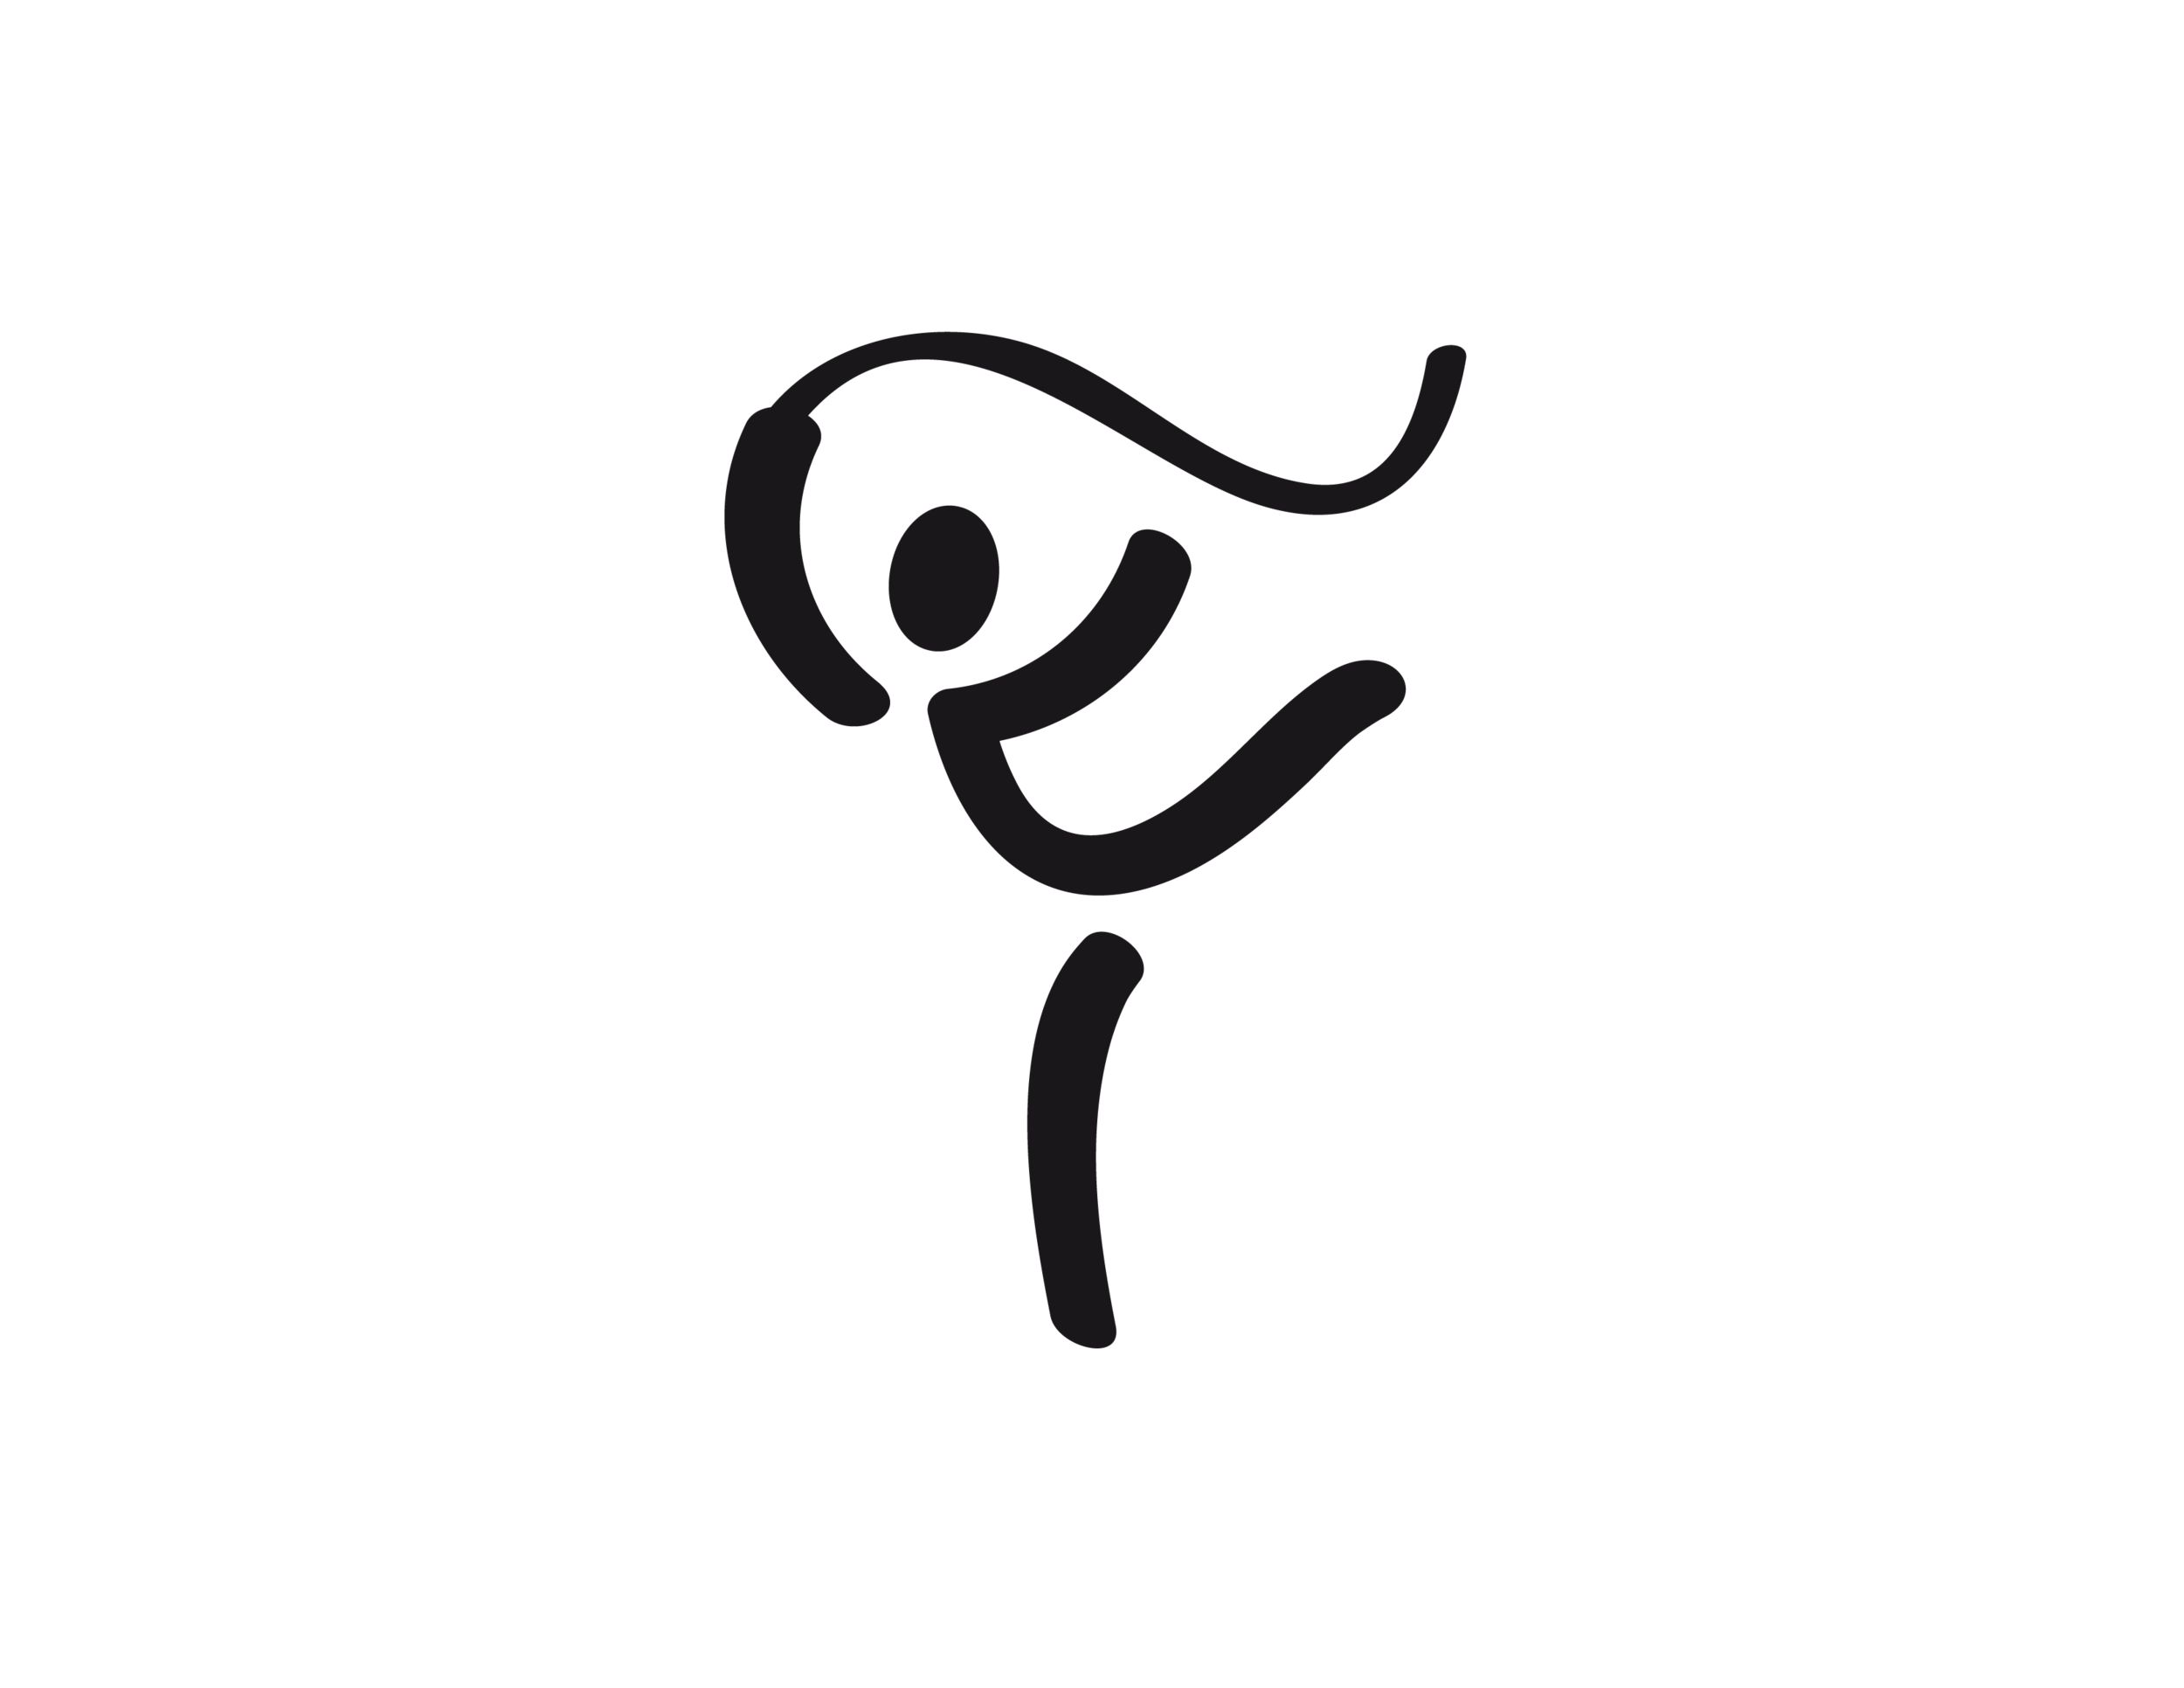 Gimnasia Rítmica - Acerca de la gimnasia rítmica: la gimnasia rítmica es un deporte que combina elementos de ballet, gimnasia y manipulación de aparatos. Los gimnastas pueden competir en eventos individuales o en grupo (4-6 atletas). El aparato de mano utilizado para el individuo y el grupo son: cuerda, aro, pelota, palos y cinta. También hay una rutina de ejercicios de piso grupal, que se realiza sin aparato.Diferencias de la Gimnasia Rítmica de Olimpiadas Especiales: El programa de Gimnasia Rítmica de Olimpiadas Especiales sigue de cerca las reglas de la FIG, en un nivel de dificultad reducido. En la FIG, solo las mujeres pueden competir en Gimnasia Rítmica. En Olimpiadas Especiales, los hombres pueden competir en los niveles inferiores. Olimpiadas Especiales también ofrece un nivel de competencia para los atletas que realizan asientos, lo cual no está incluido en la FIG.División en Olimpiadas Especiales: los atletas de todos los deportes y eventos se agrupan por edad, sexo y capacidad, dando a todos la oportunidad de ganar. En Olimpiadas Especiales no hay récords mundiales porque cada atleta, ya sea en la división más rápida o más lenta, se valora y reconoce por igual. En cada división, todos los atletas reciben un premio, desde medallas de oro, plata y bronce, hasta cintas de cuarto a octavo lugar. Esta idea de agrupaciones de igual capacidad es la base de la competencia en Olimpiadas Especiales y se puede presenciar en cualquier evento, ya sea atletismo, deportes acuáticos, tenis de mesa, fútbol, squí o gimnasia. Todos los atletas tienen las mismas oportunidades de participar, actuar y ser reconocidos por sus mejores compañeros de equipo, familiares, amigos y fanáticos.